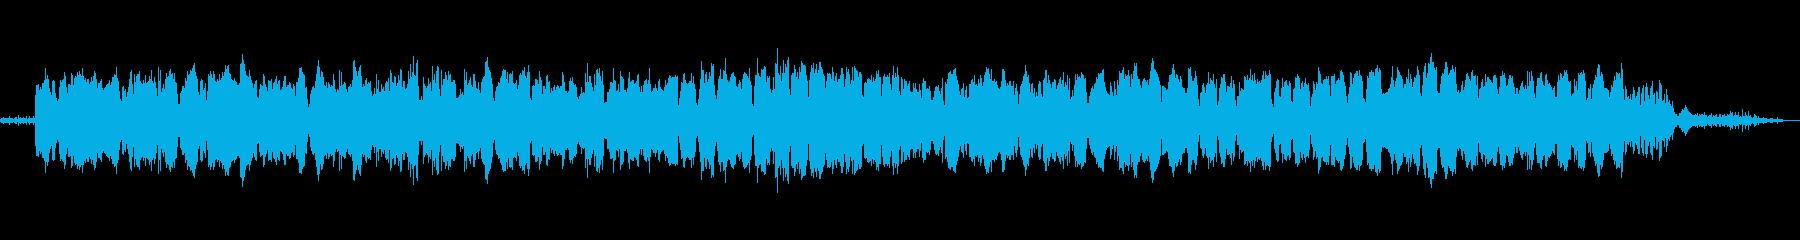 静かでゆったりヒーリングクラシック3の再生済みの波形